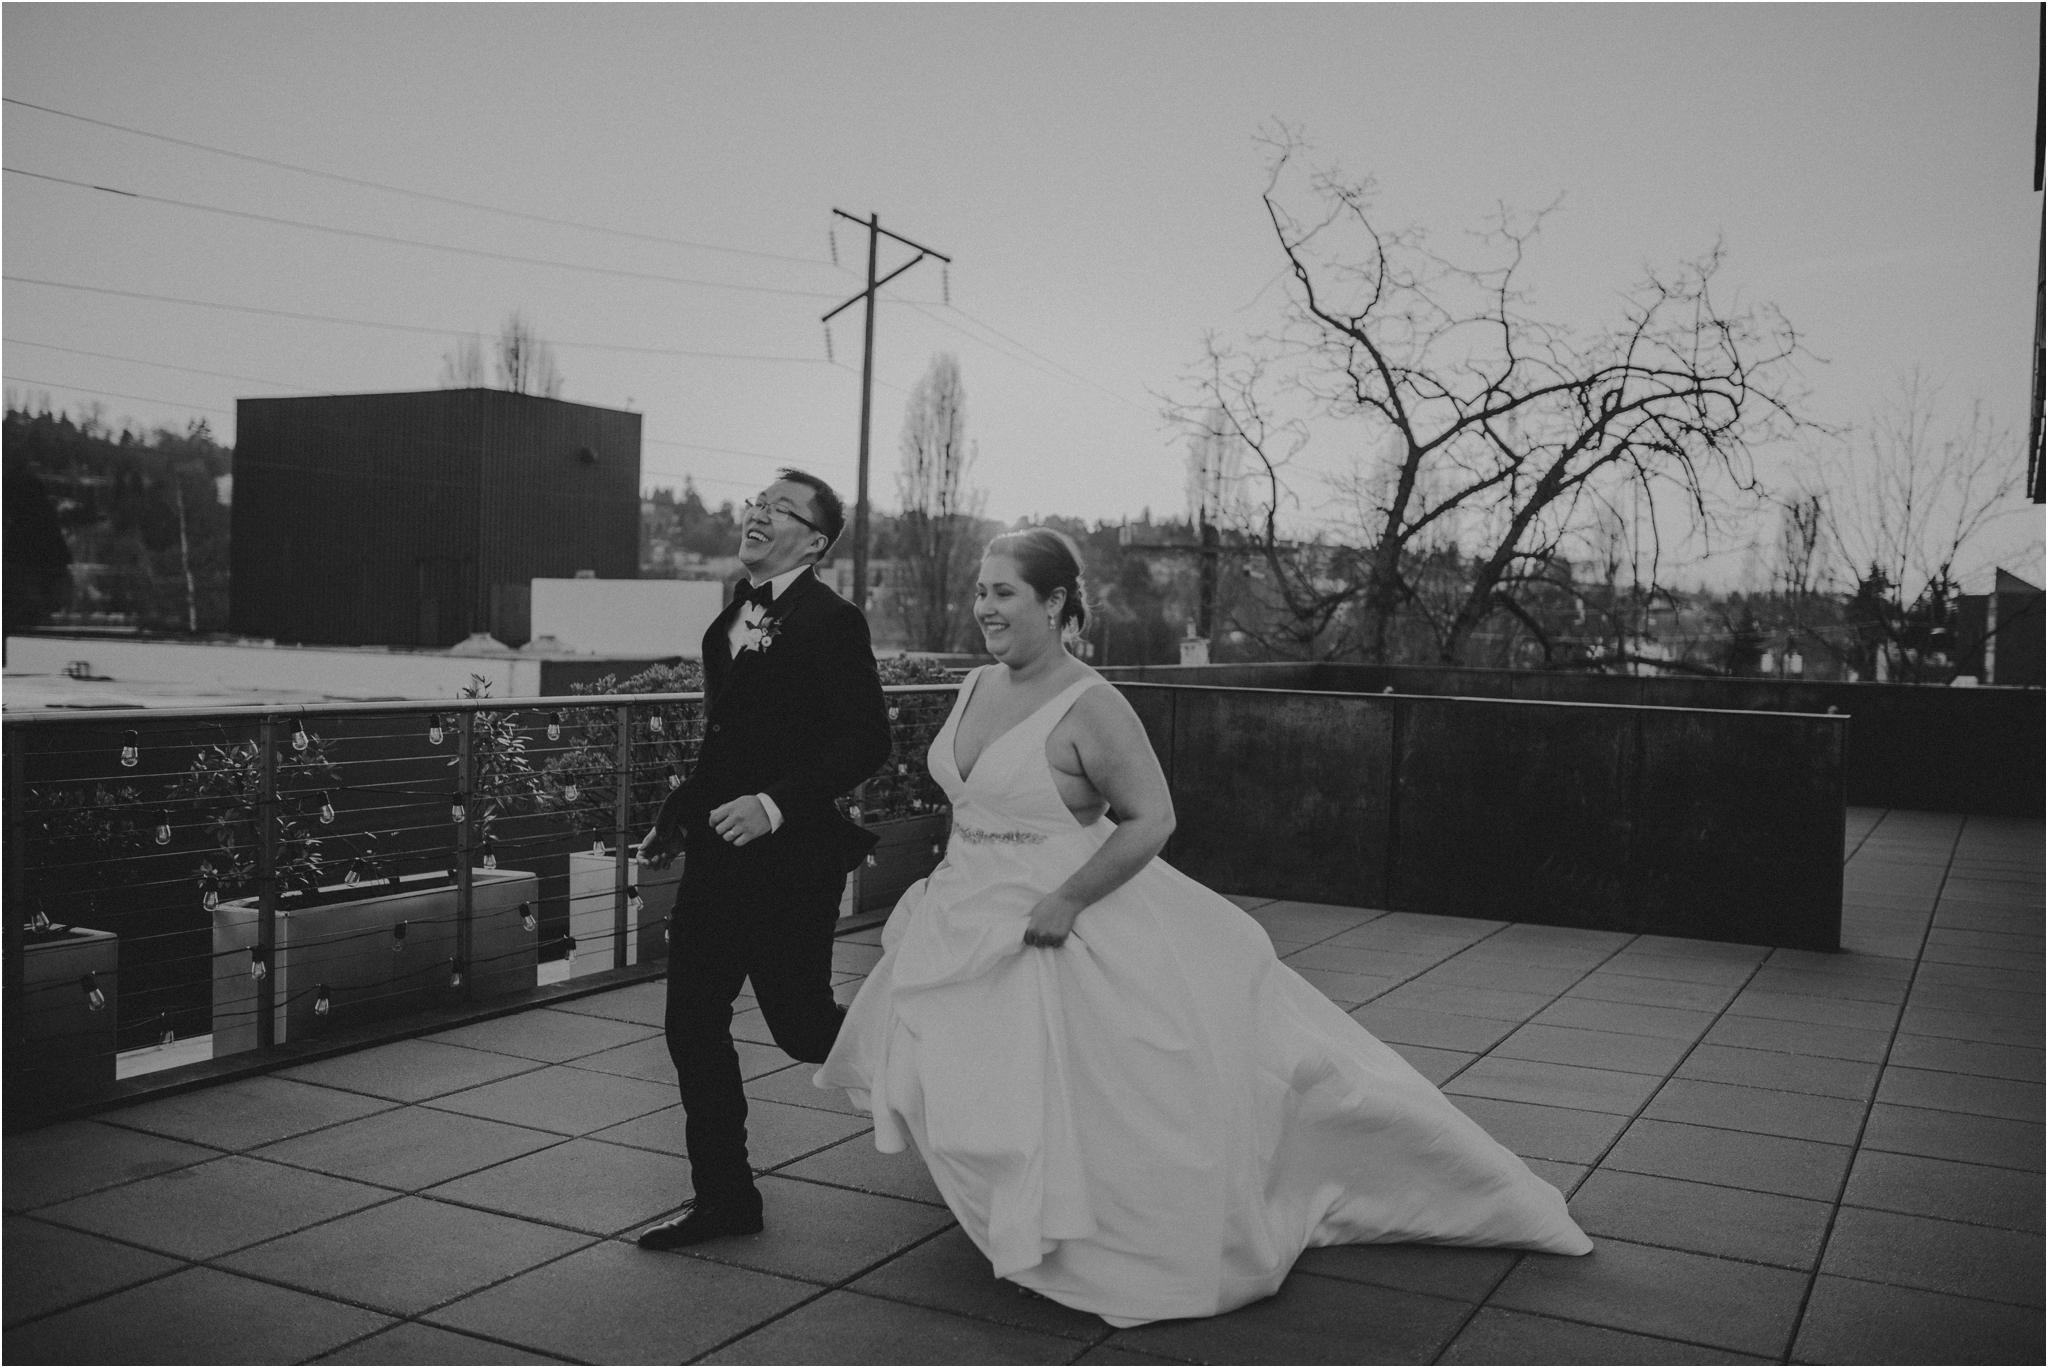 ashley-and-david-fremont-foundry-seattle-washington-wedding-photographer-095.jpg